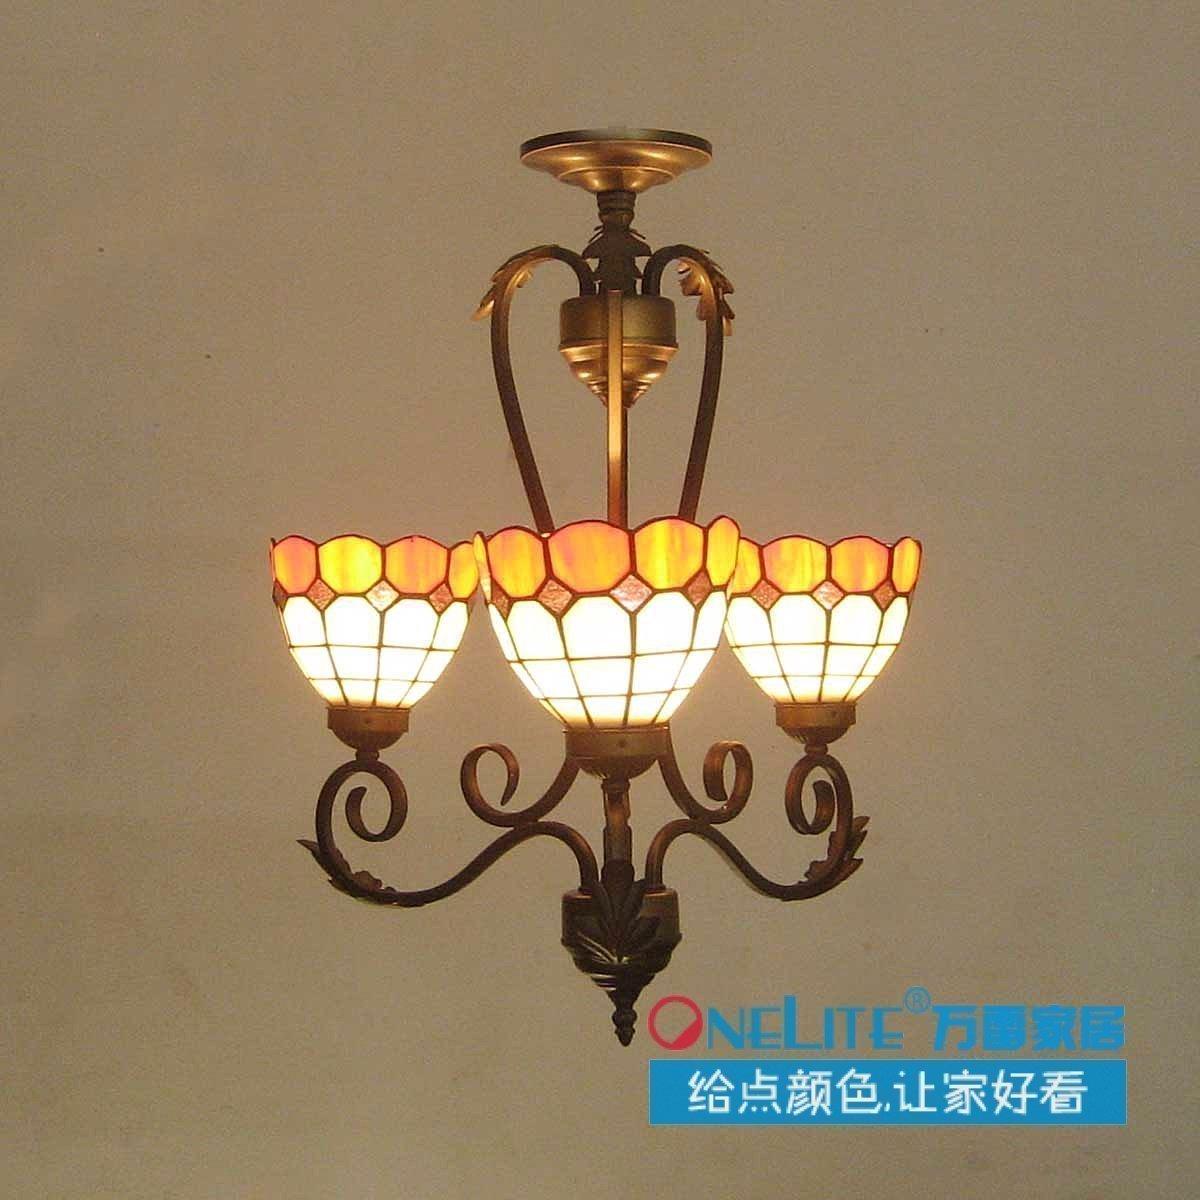 Nouvelle arrivée dorange tiffany lampe restaurant lampe pendentif lumière lumières du salon chambre lampe livraison gratuite